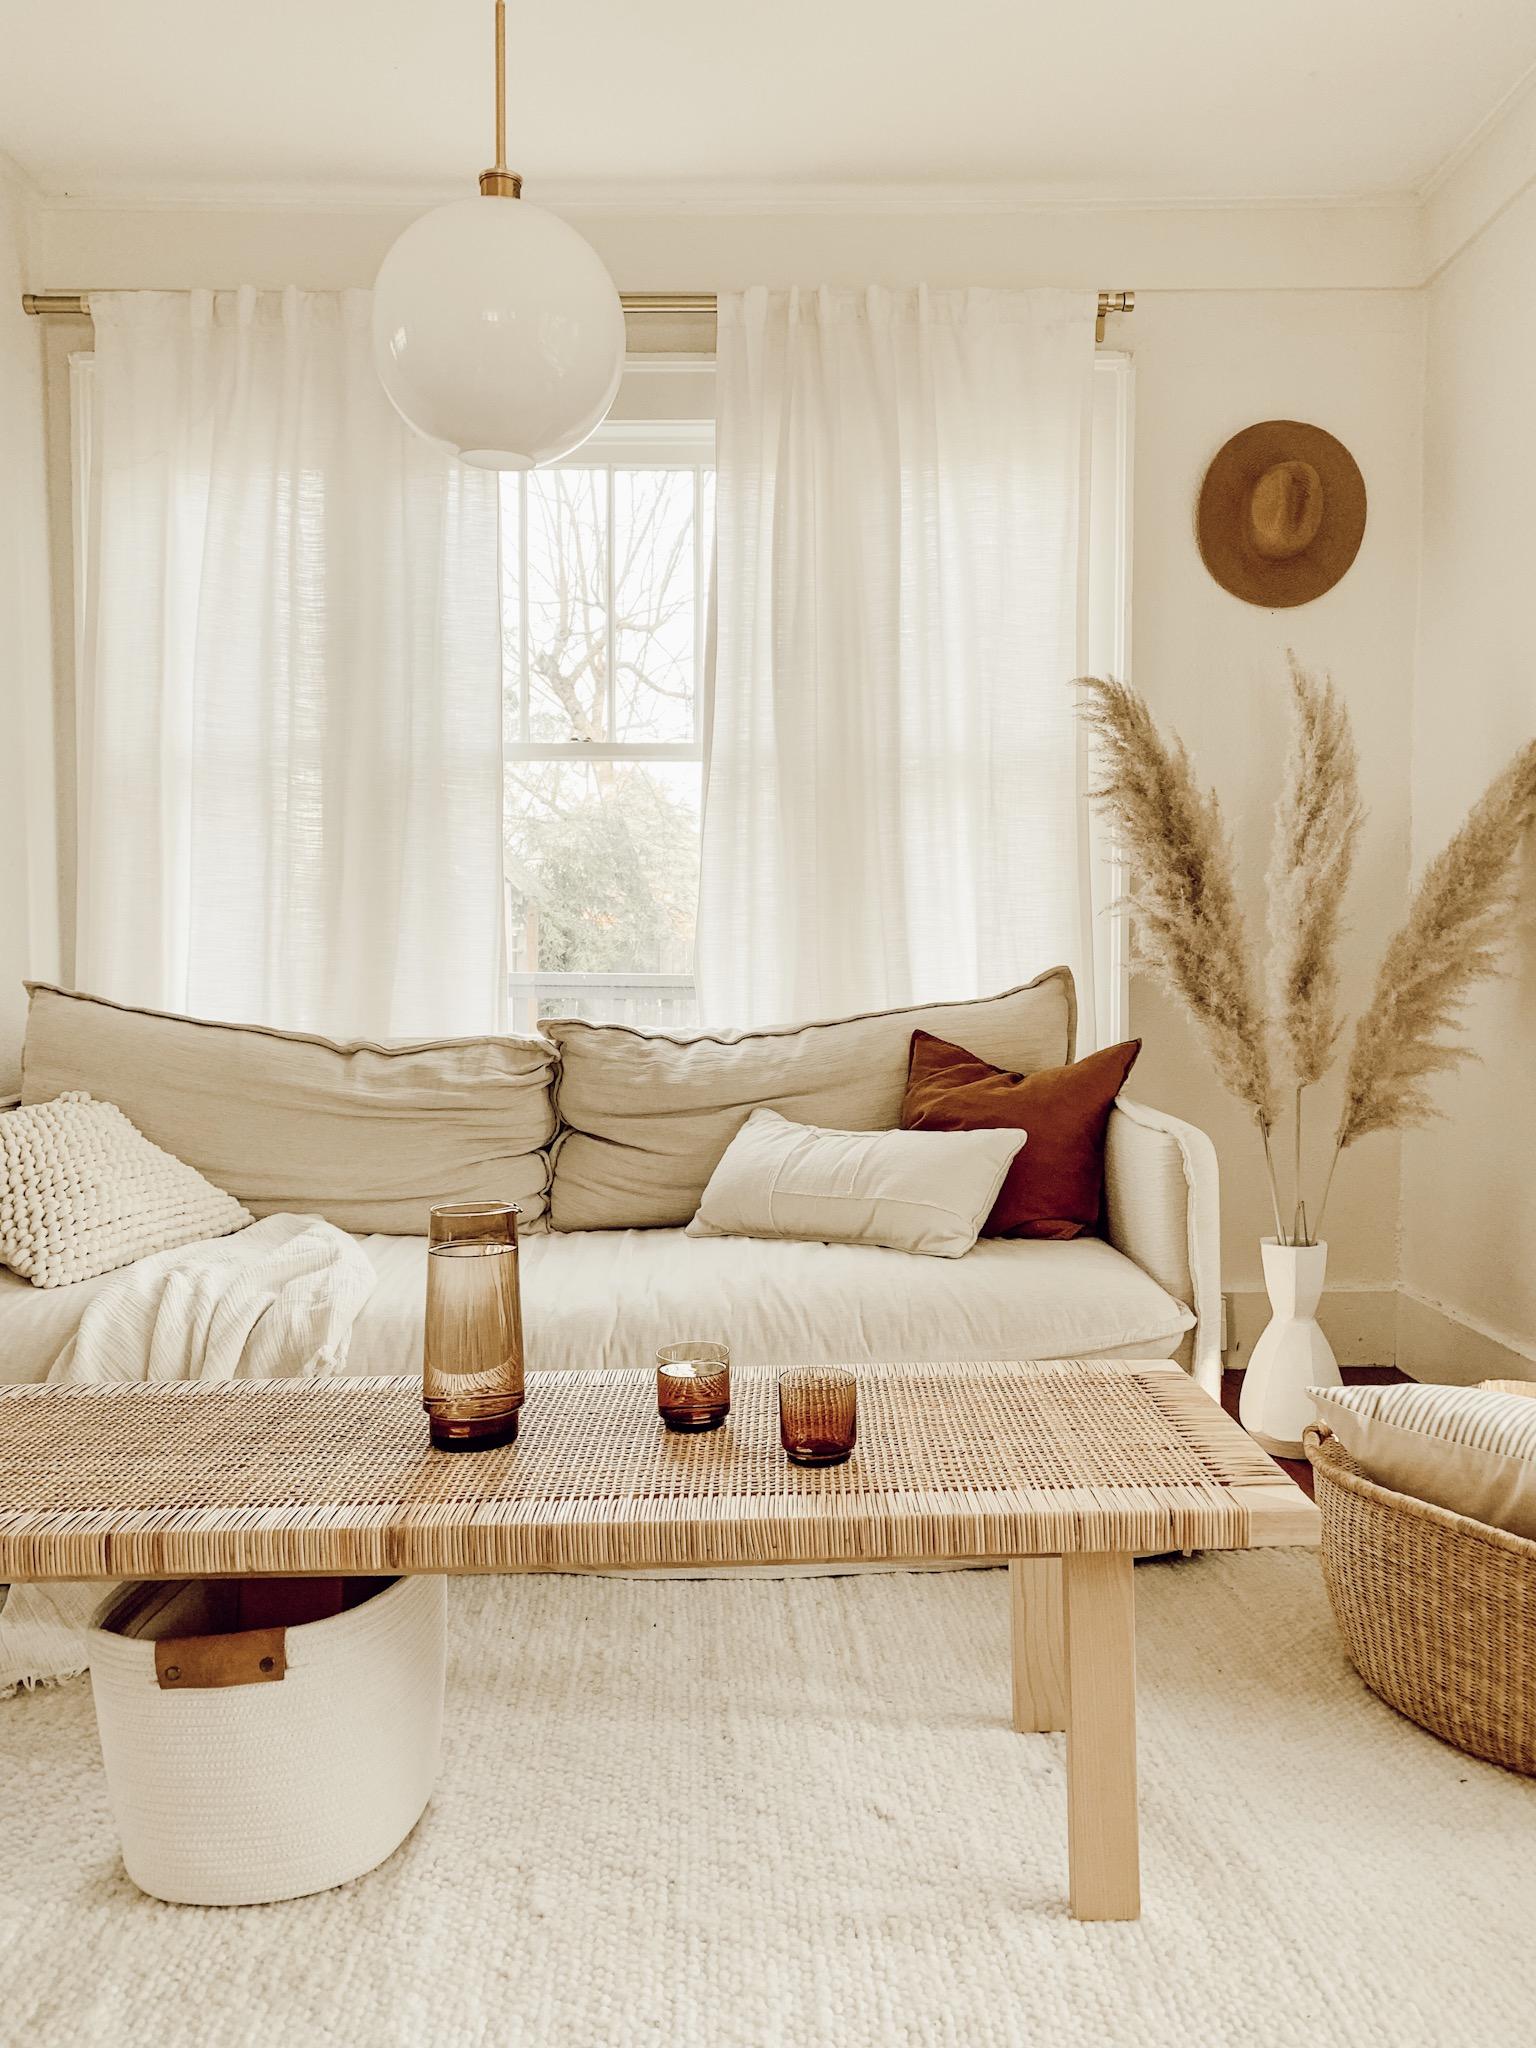 ezz-wilson-portland-interior-stylist-designer-photo-1 - Ezz Wilson.JPG